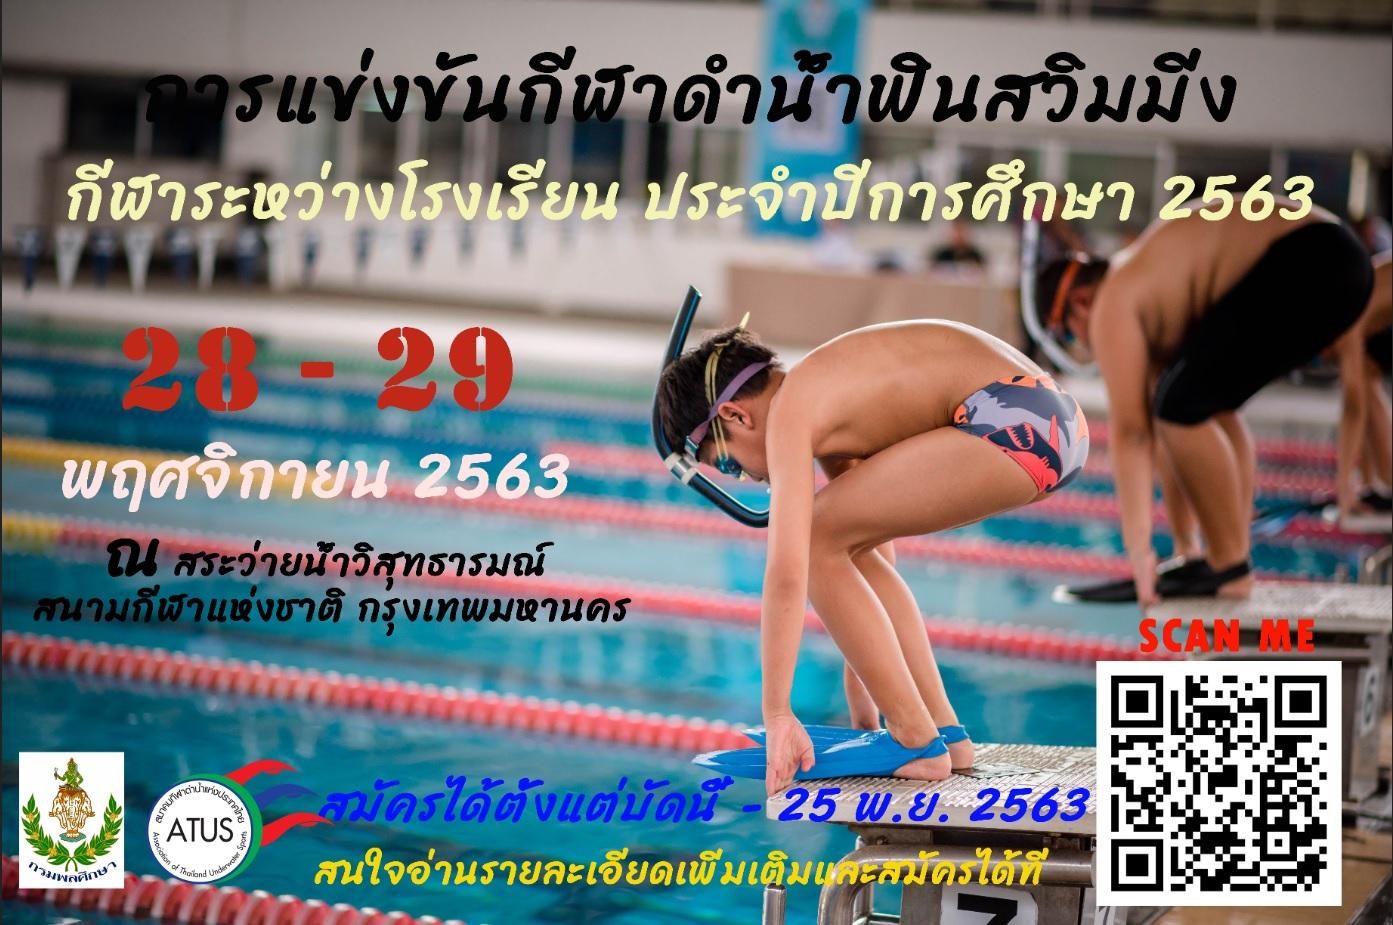 การแข่งขันกีฬาดำน้ำฟินสวิมมิ่ง กีฬาระหว่างโรงเรียน ประจำปีการศึกษา 2563